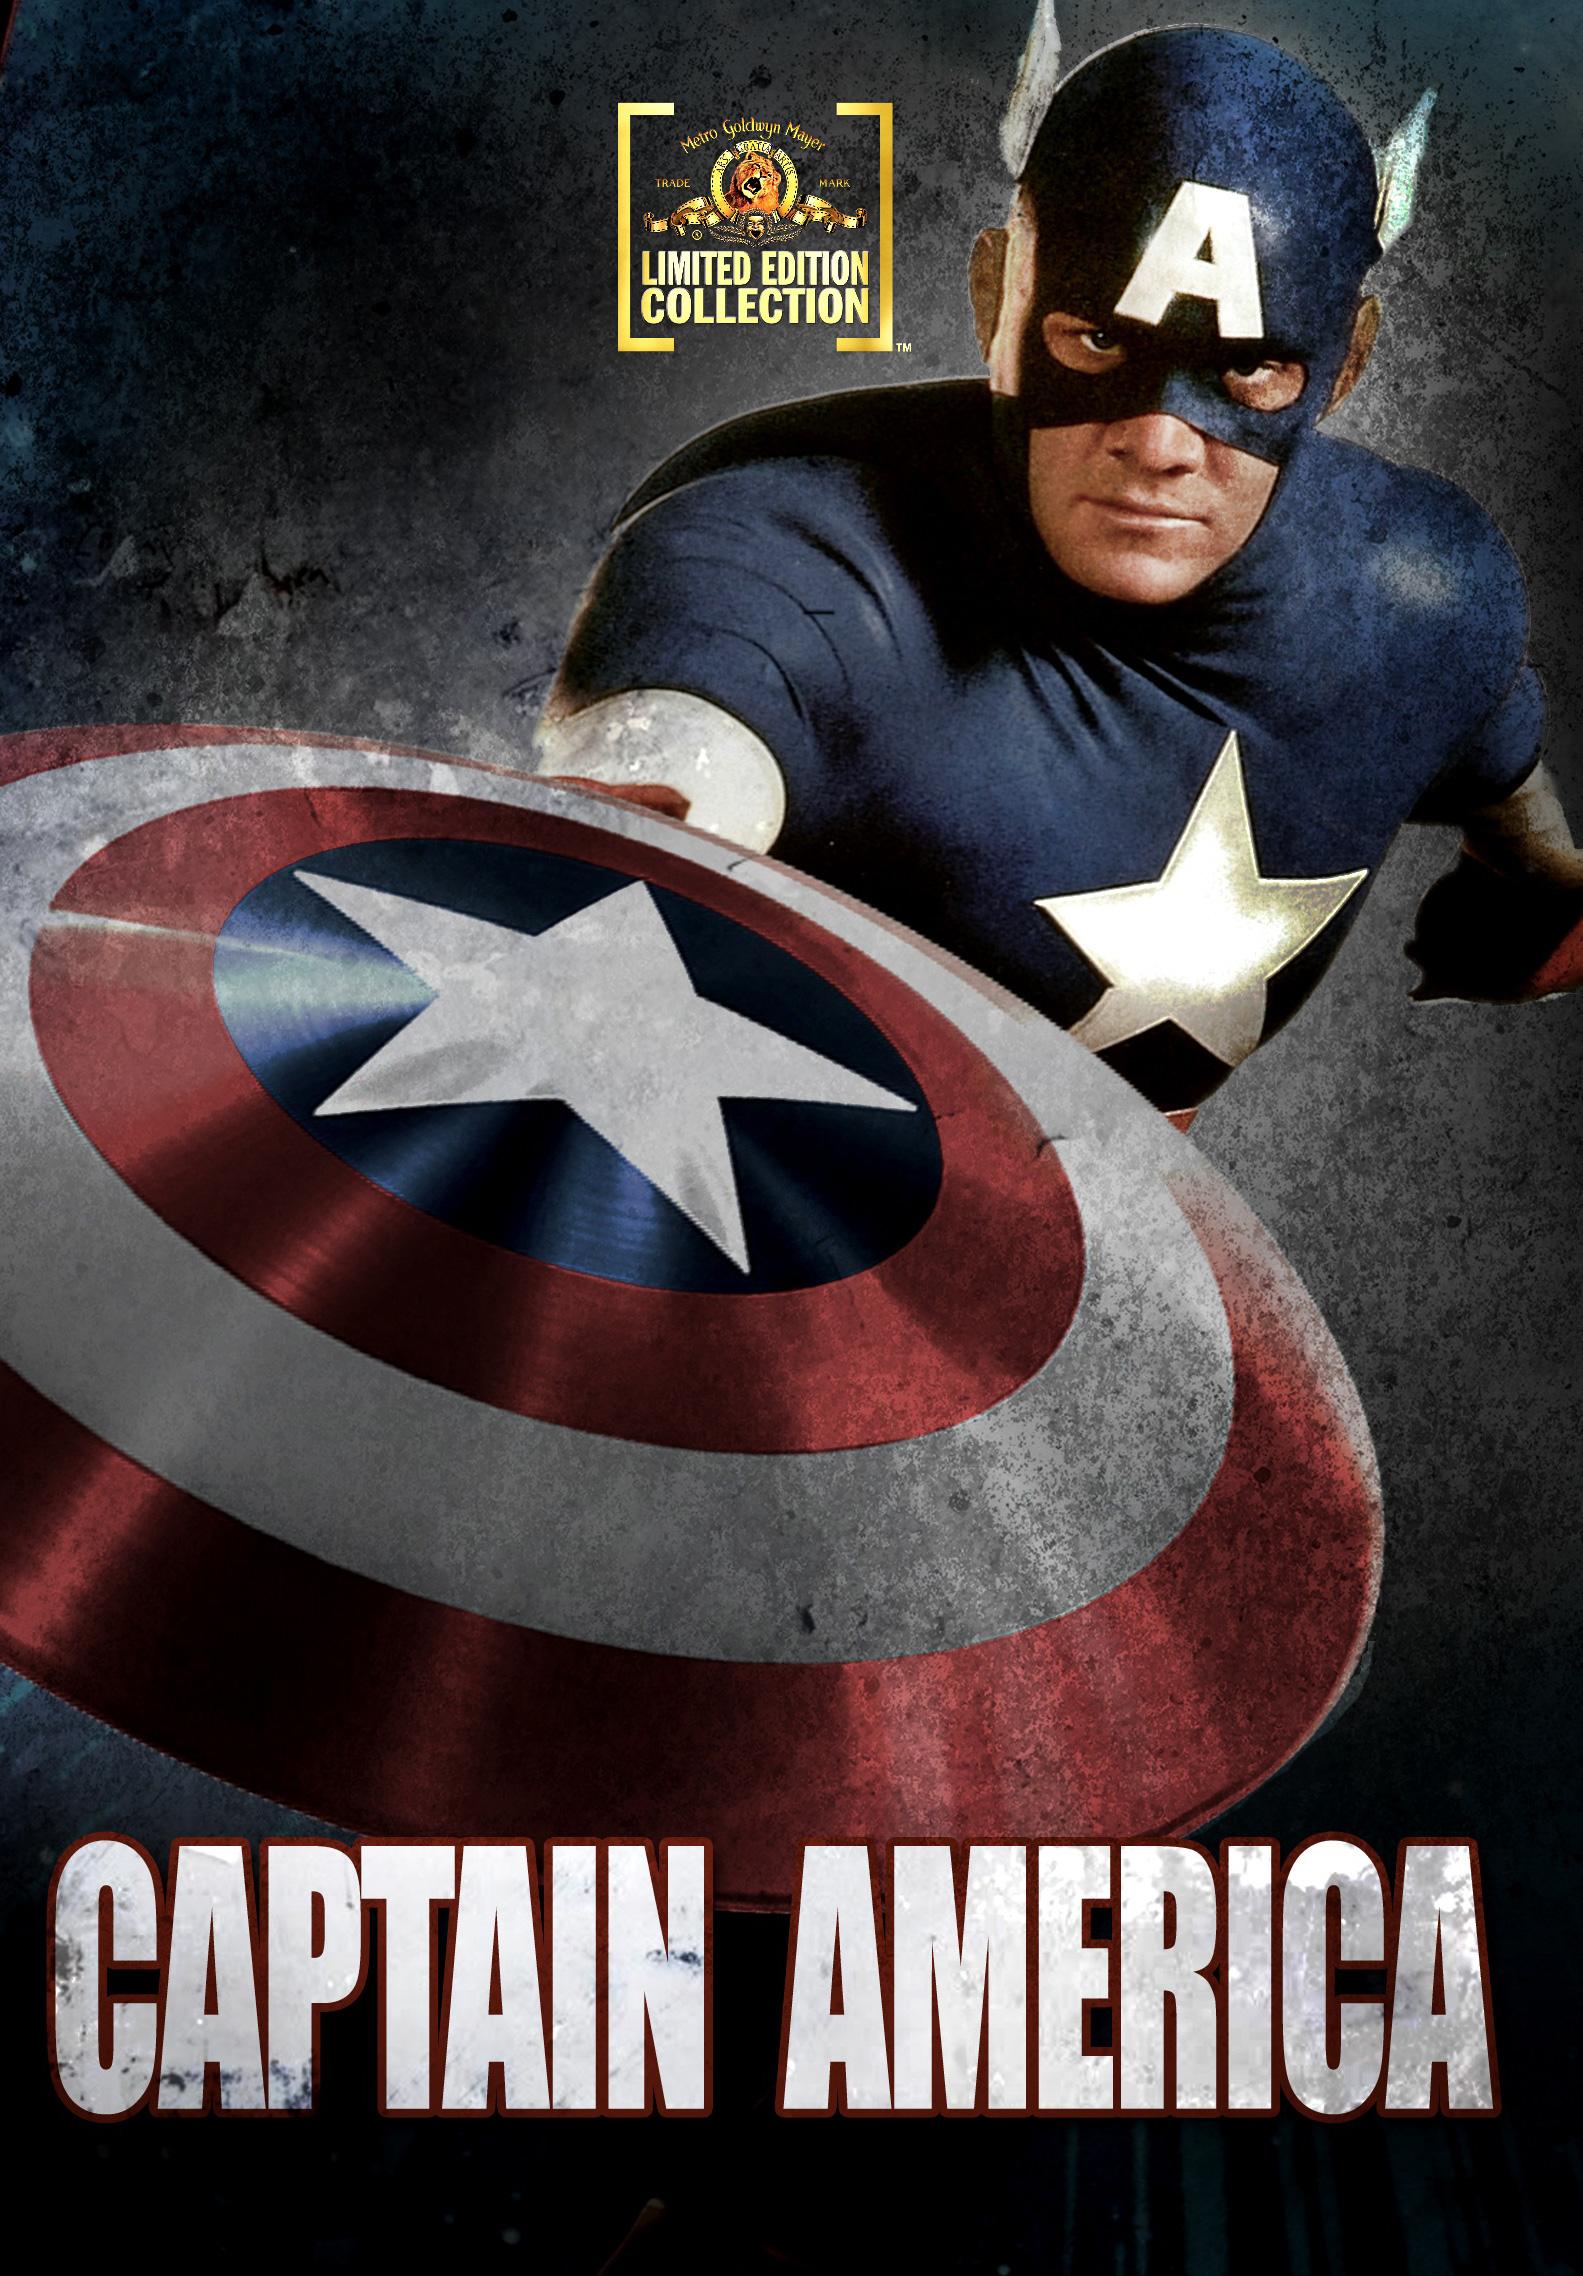 fences movie dvd cover. captainamerica1990dvdcoverartimage fences movie dvd cover